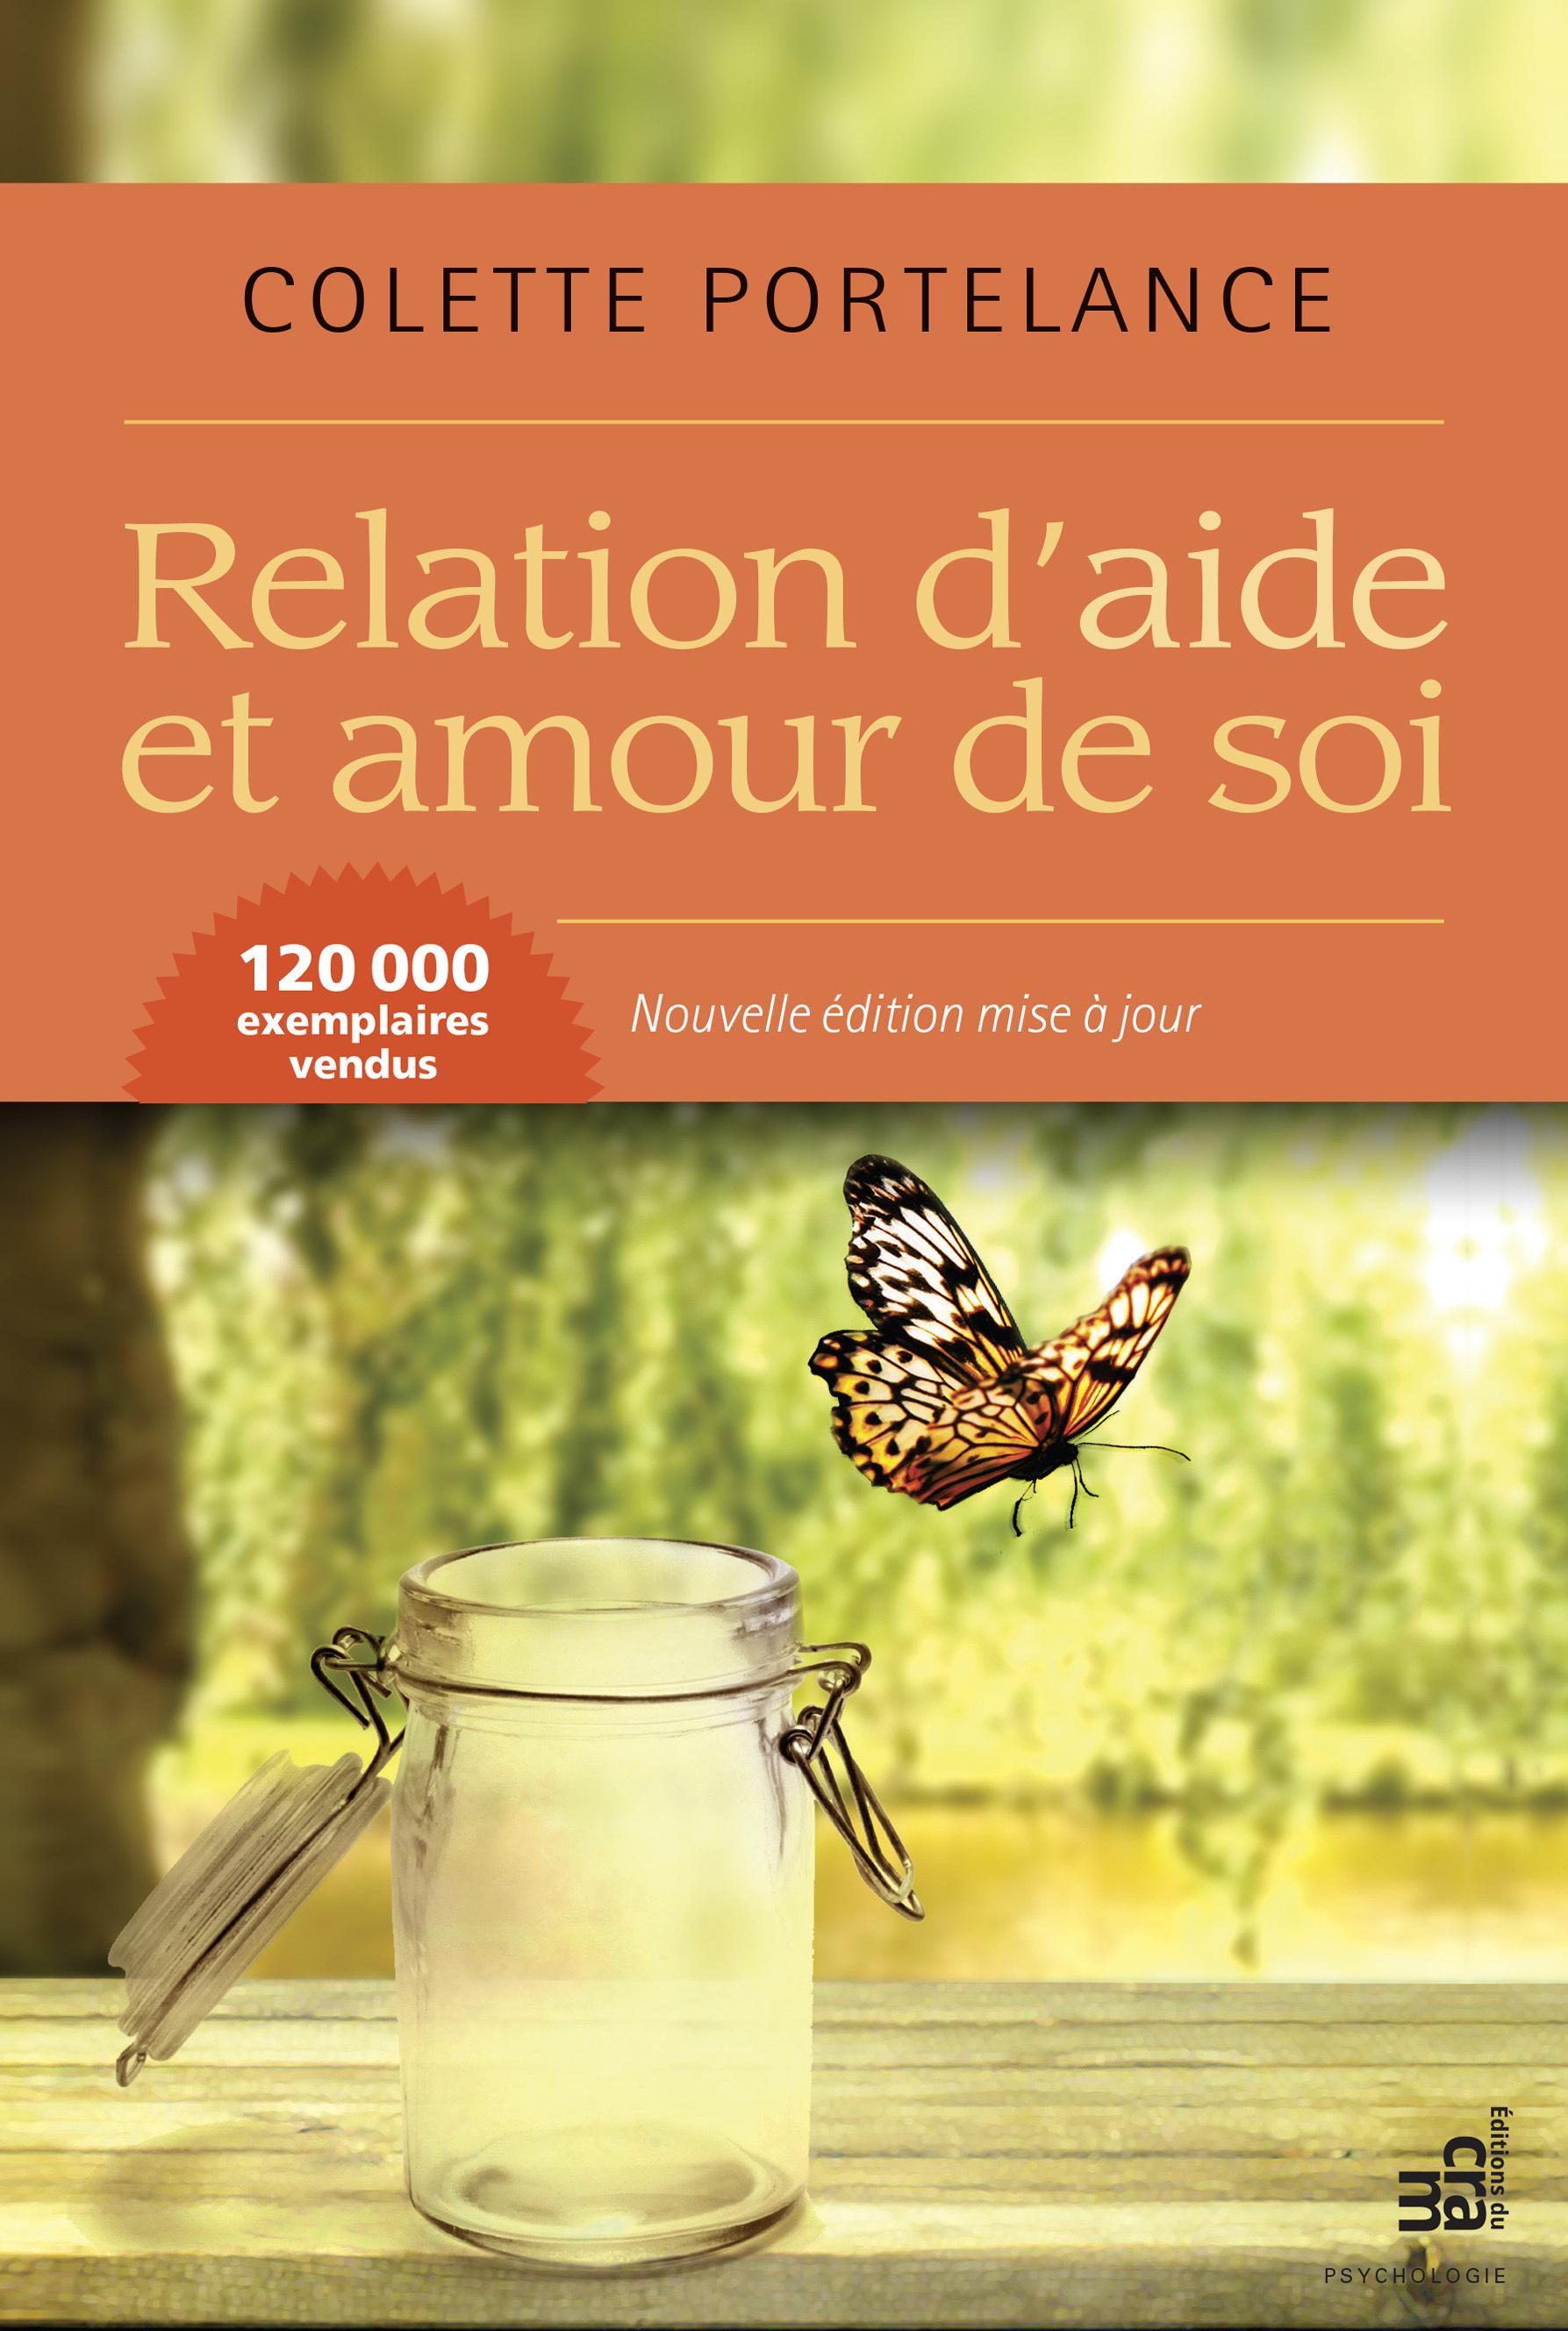 Relation d'aide et amour de soi, Nouvelle édition mise à jour